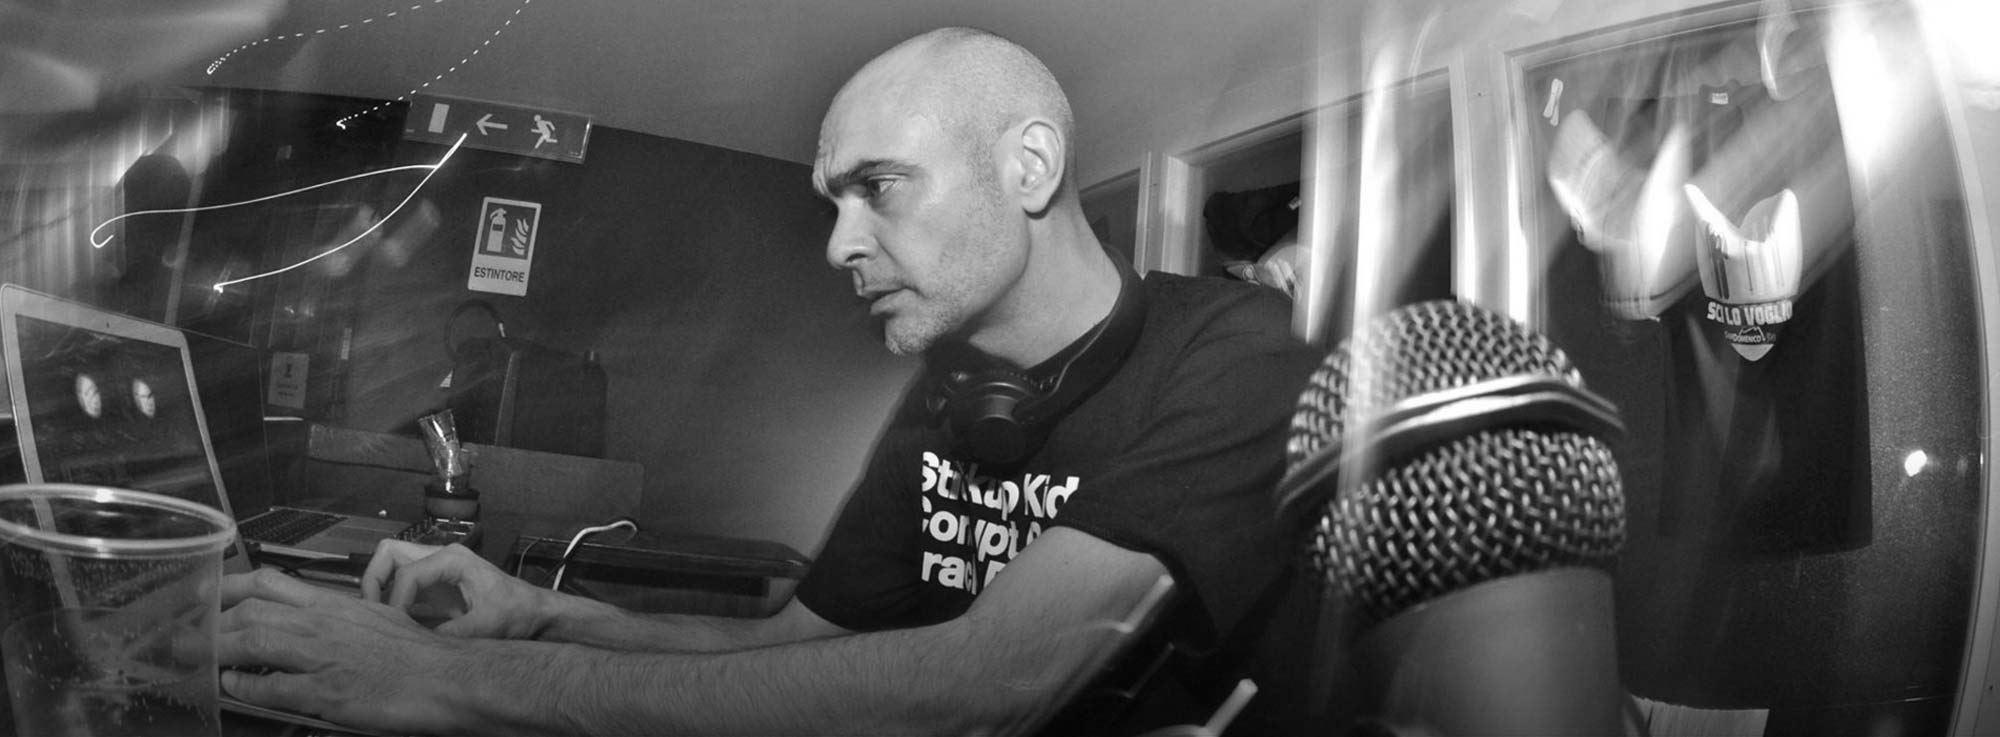 Cavallino: Bassi Maestro Mia maestà tour